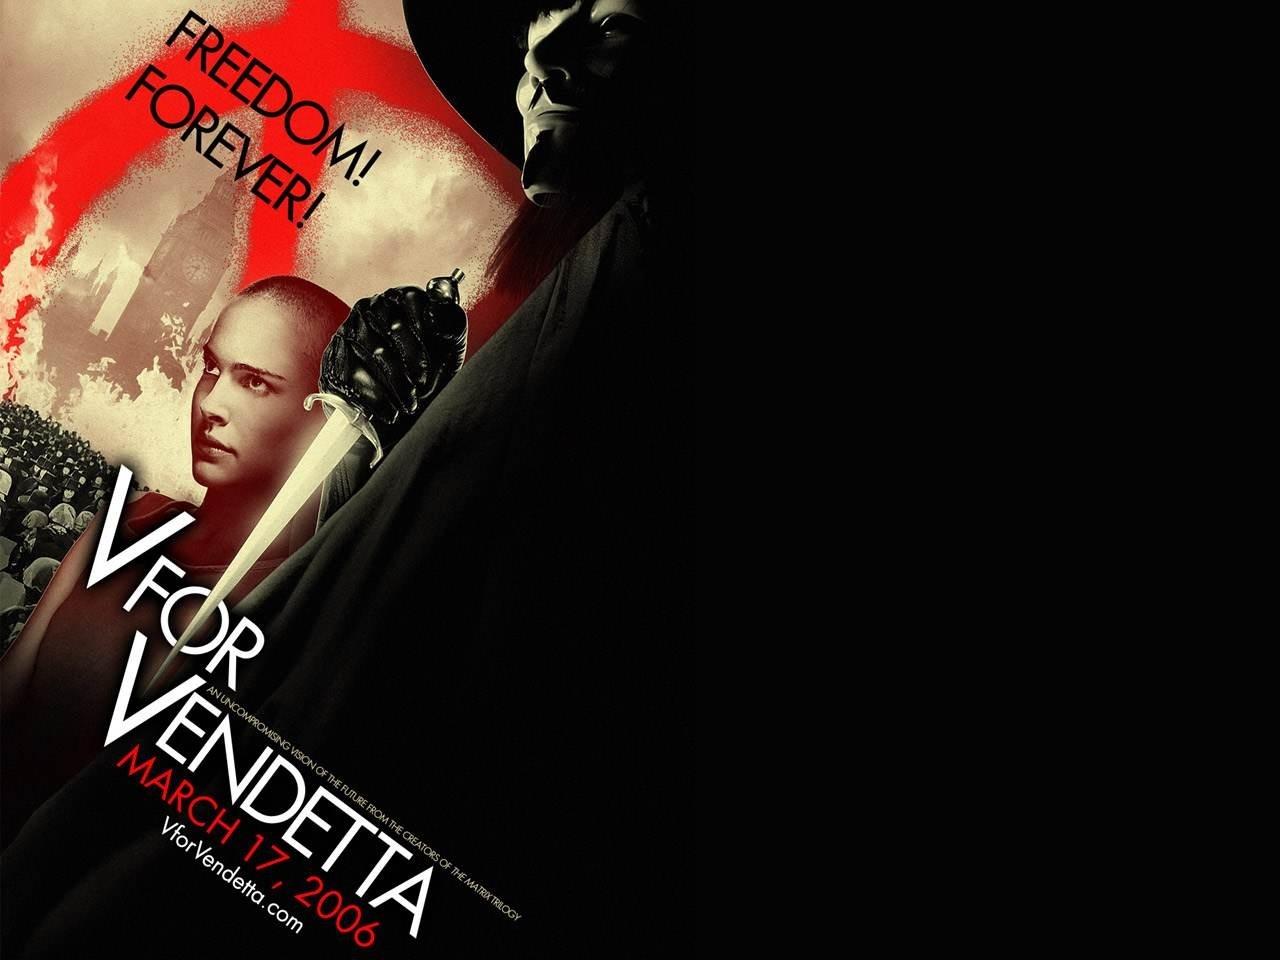 Wallpaper del film V per Vendetta con la Portman